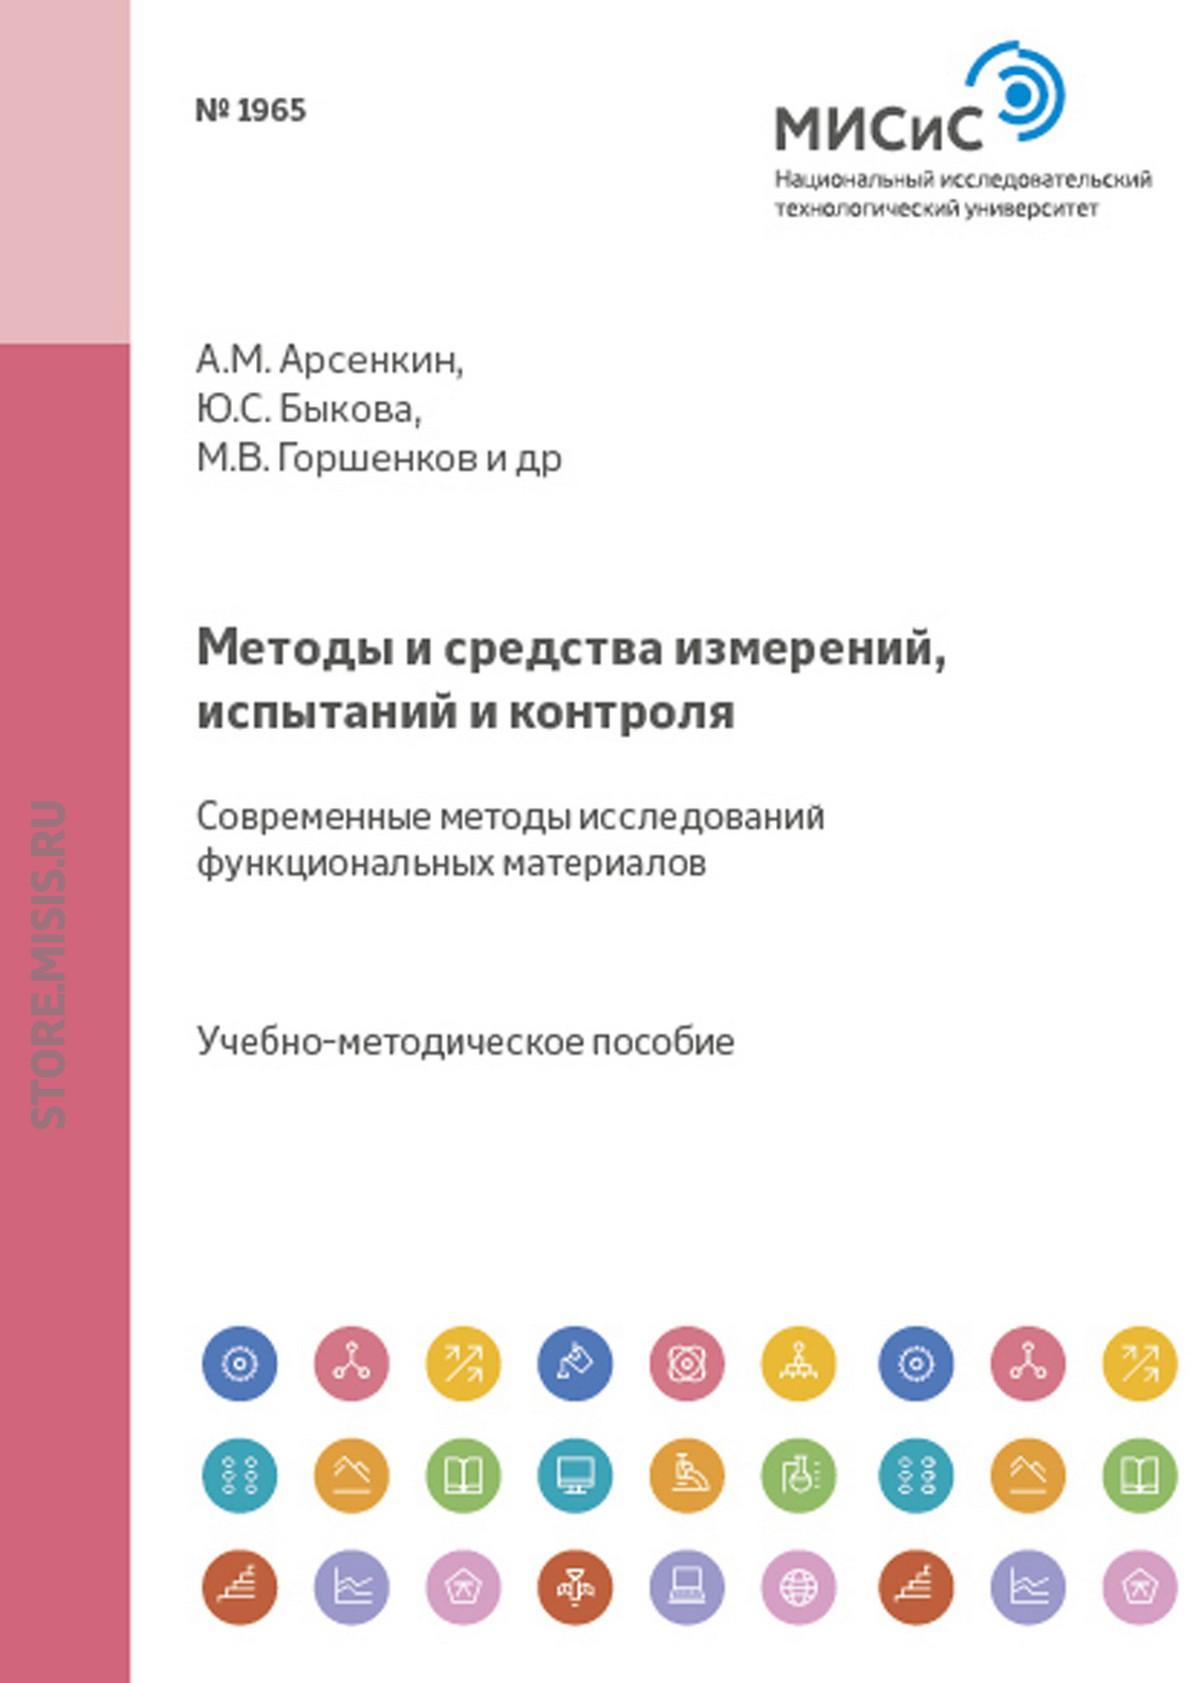 Коллектив авторов Методы и средства измерений, испытаний и контроля. Современные методы исследований функциональных материалов